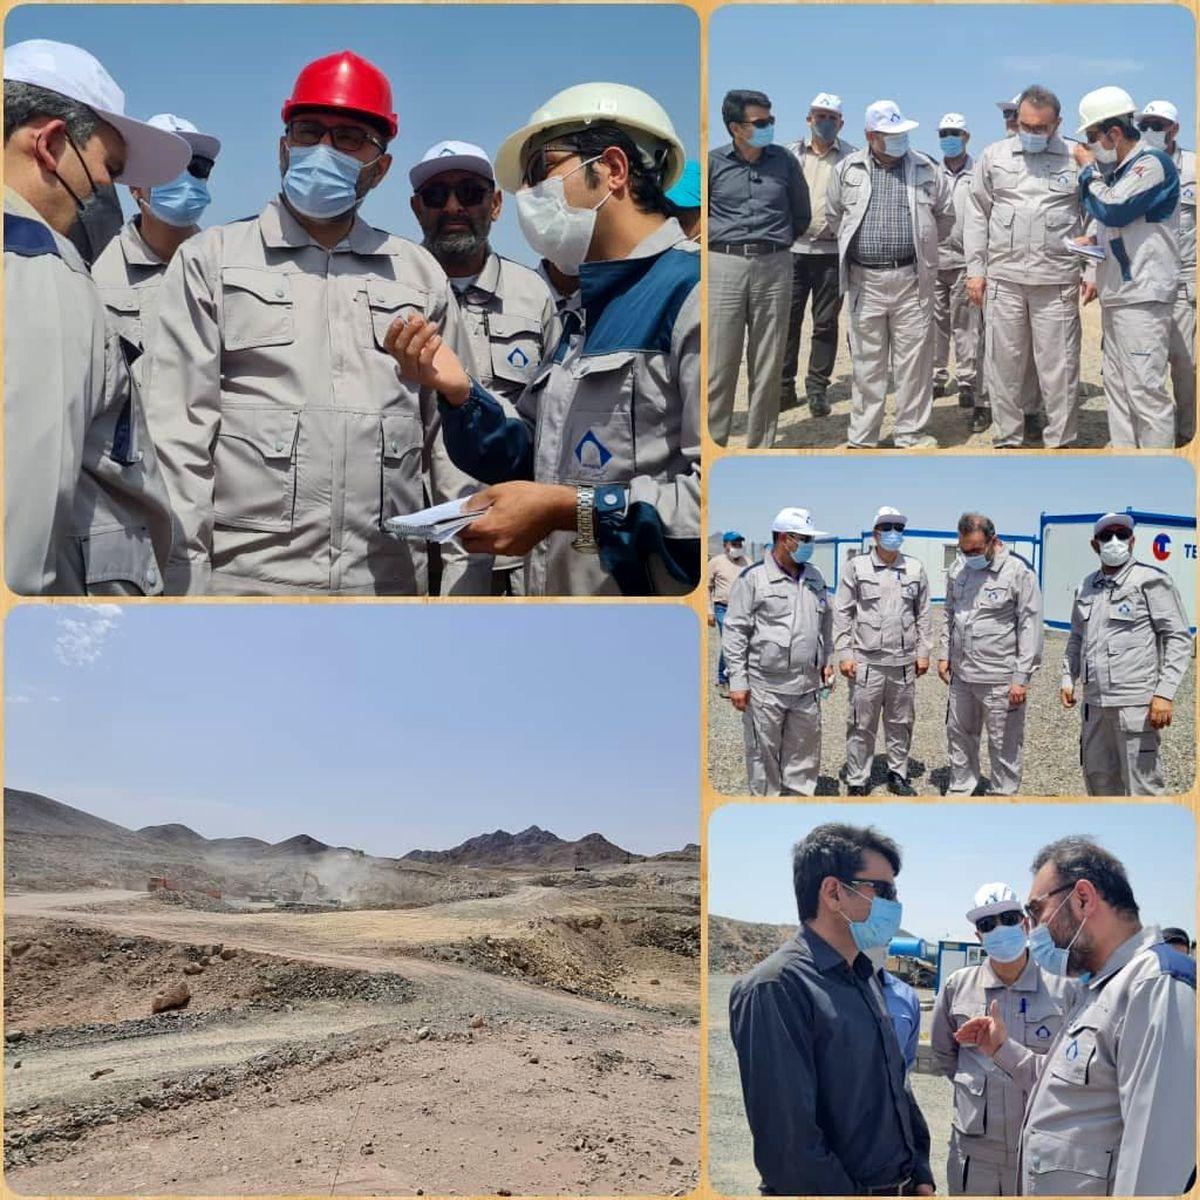 بازدید مدیرعامل شرکت تهیه و تولید مواد معدنی ایران از معدن سنگ آهن حنار